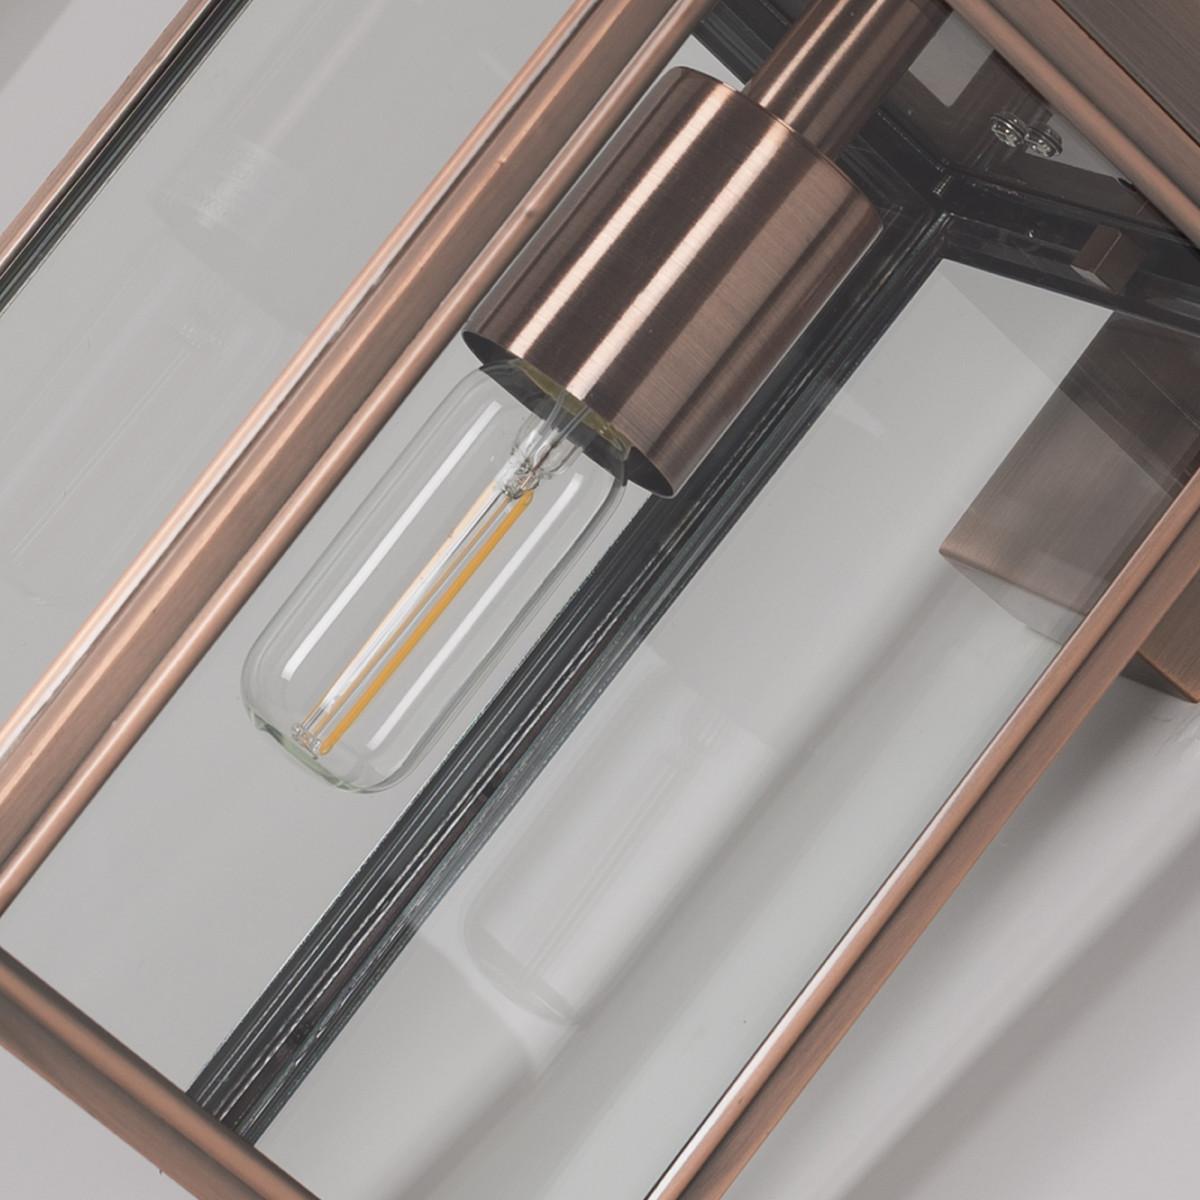 design buitenlamp, rvs vierkant frame met koper finish, groot helder glas, verlichting voor buiten aan de wand